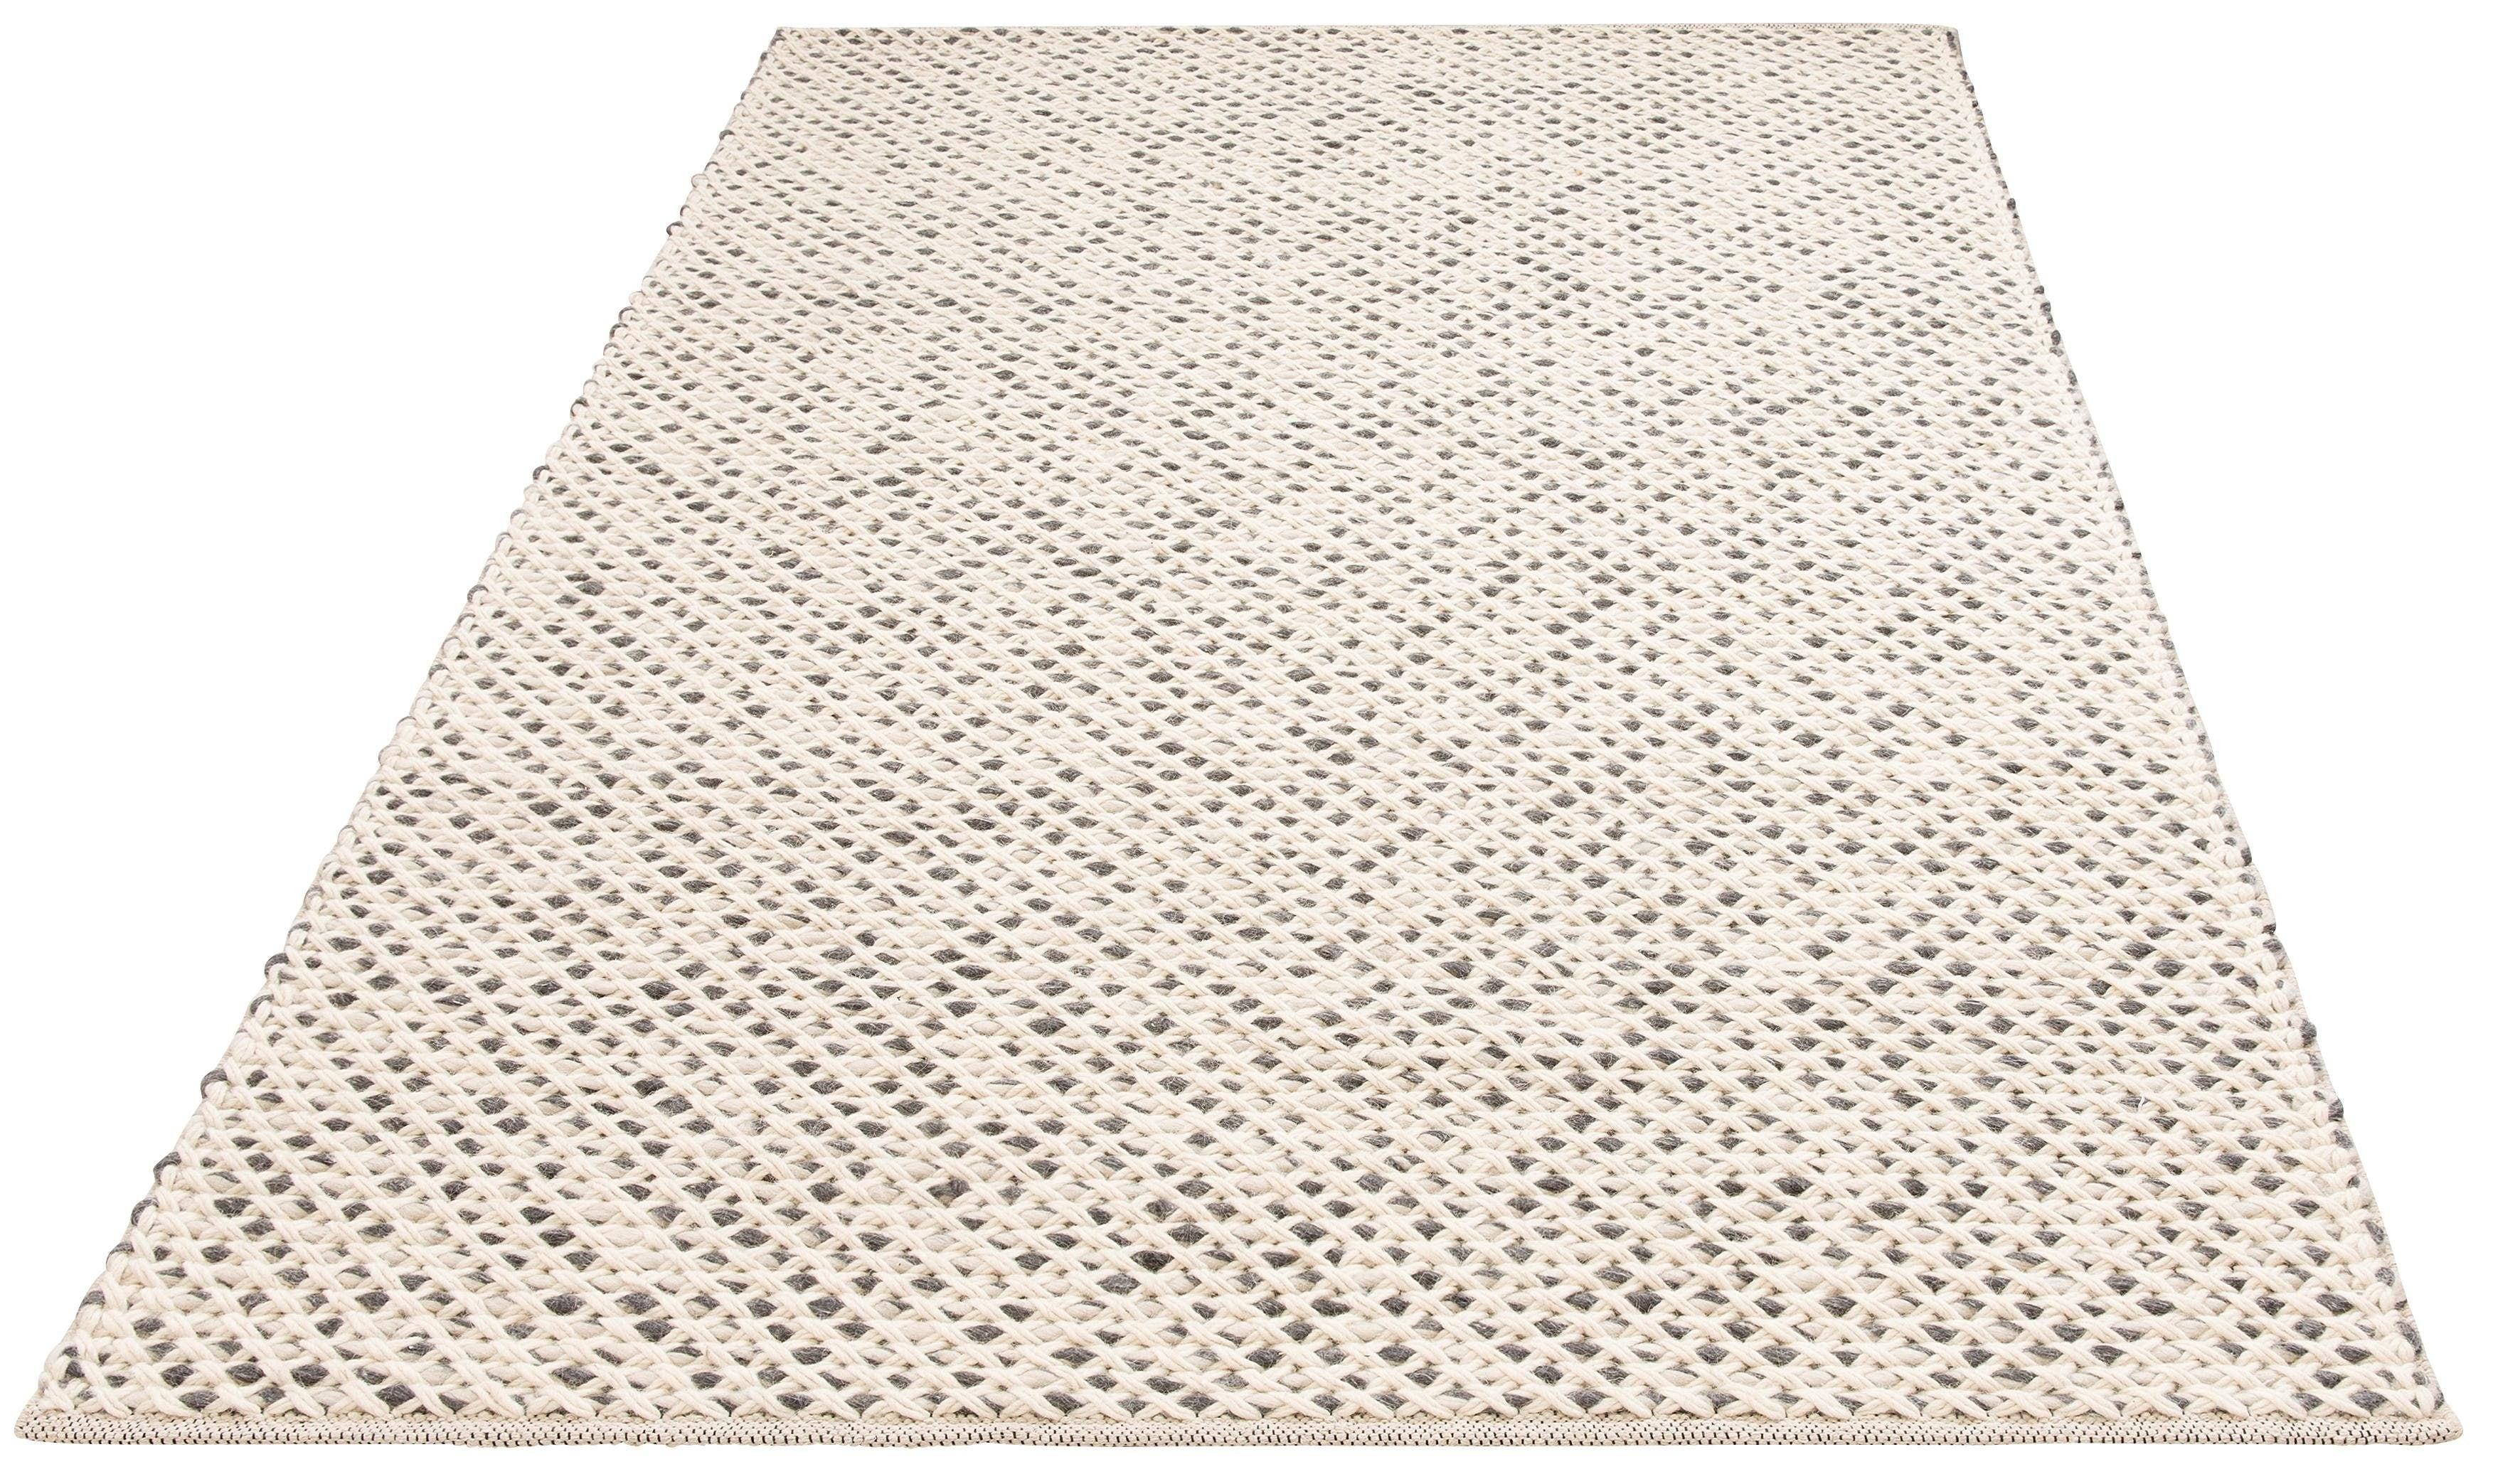 my home Teppich Zarina, rechteckig, 6 mm Höhe, Strickoptik, Wohnzimmer beige Esszimmerteppiche Teppiche nach Räumen